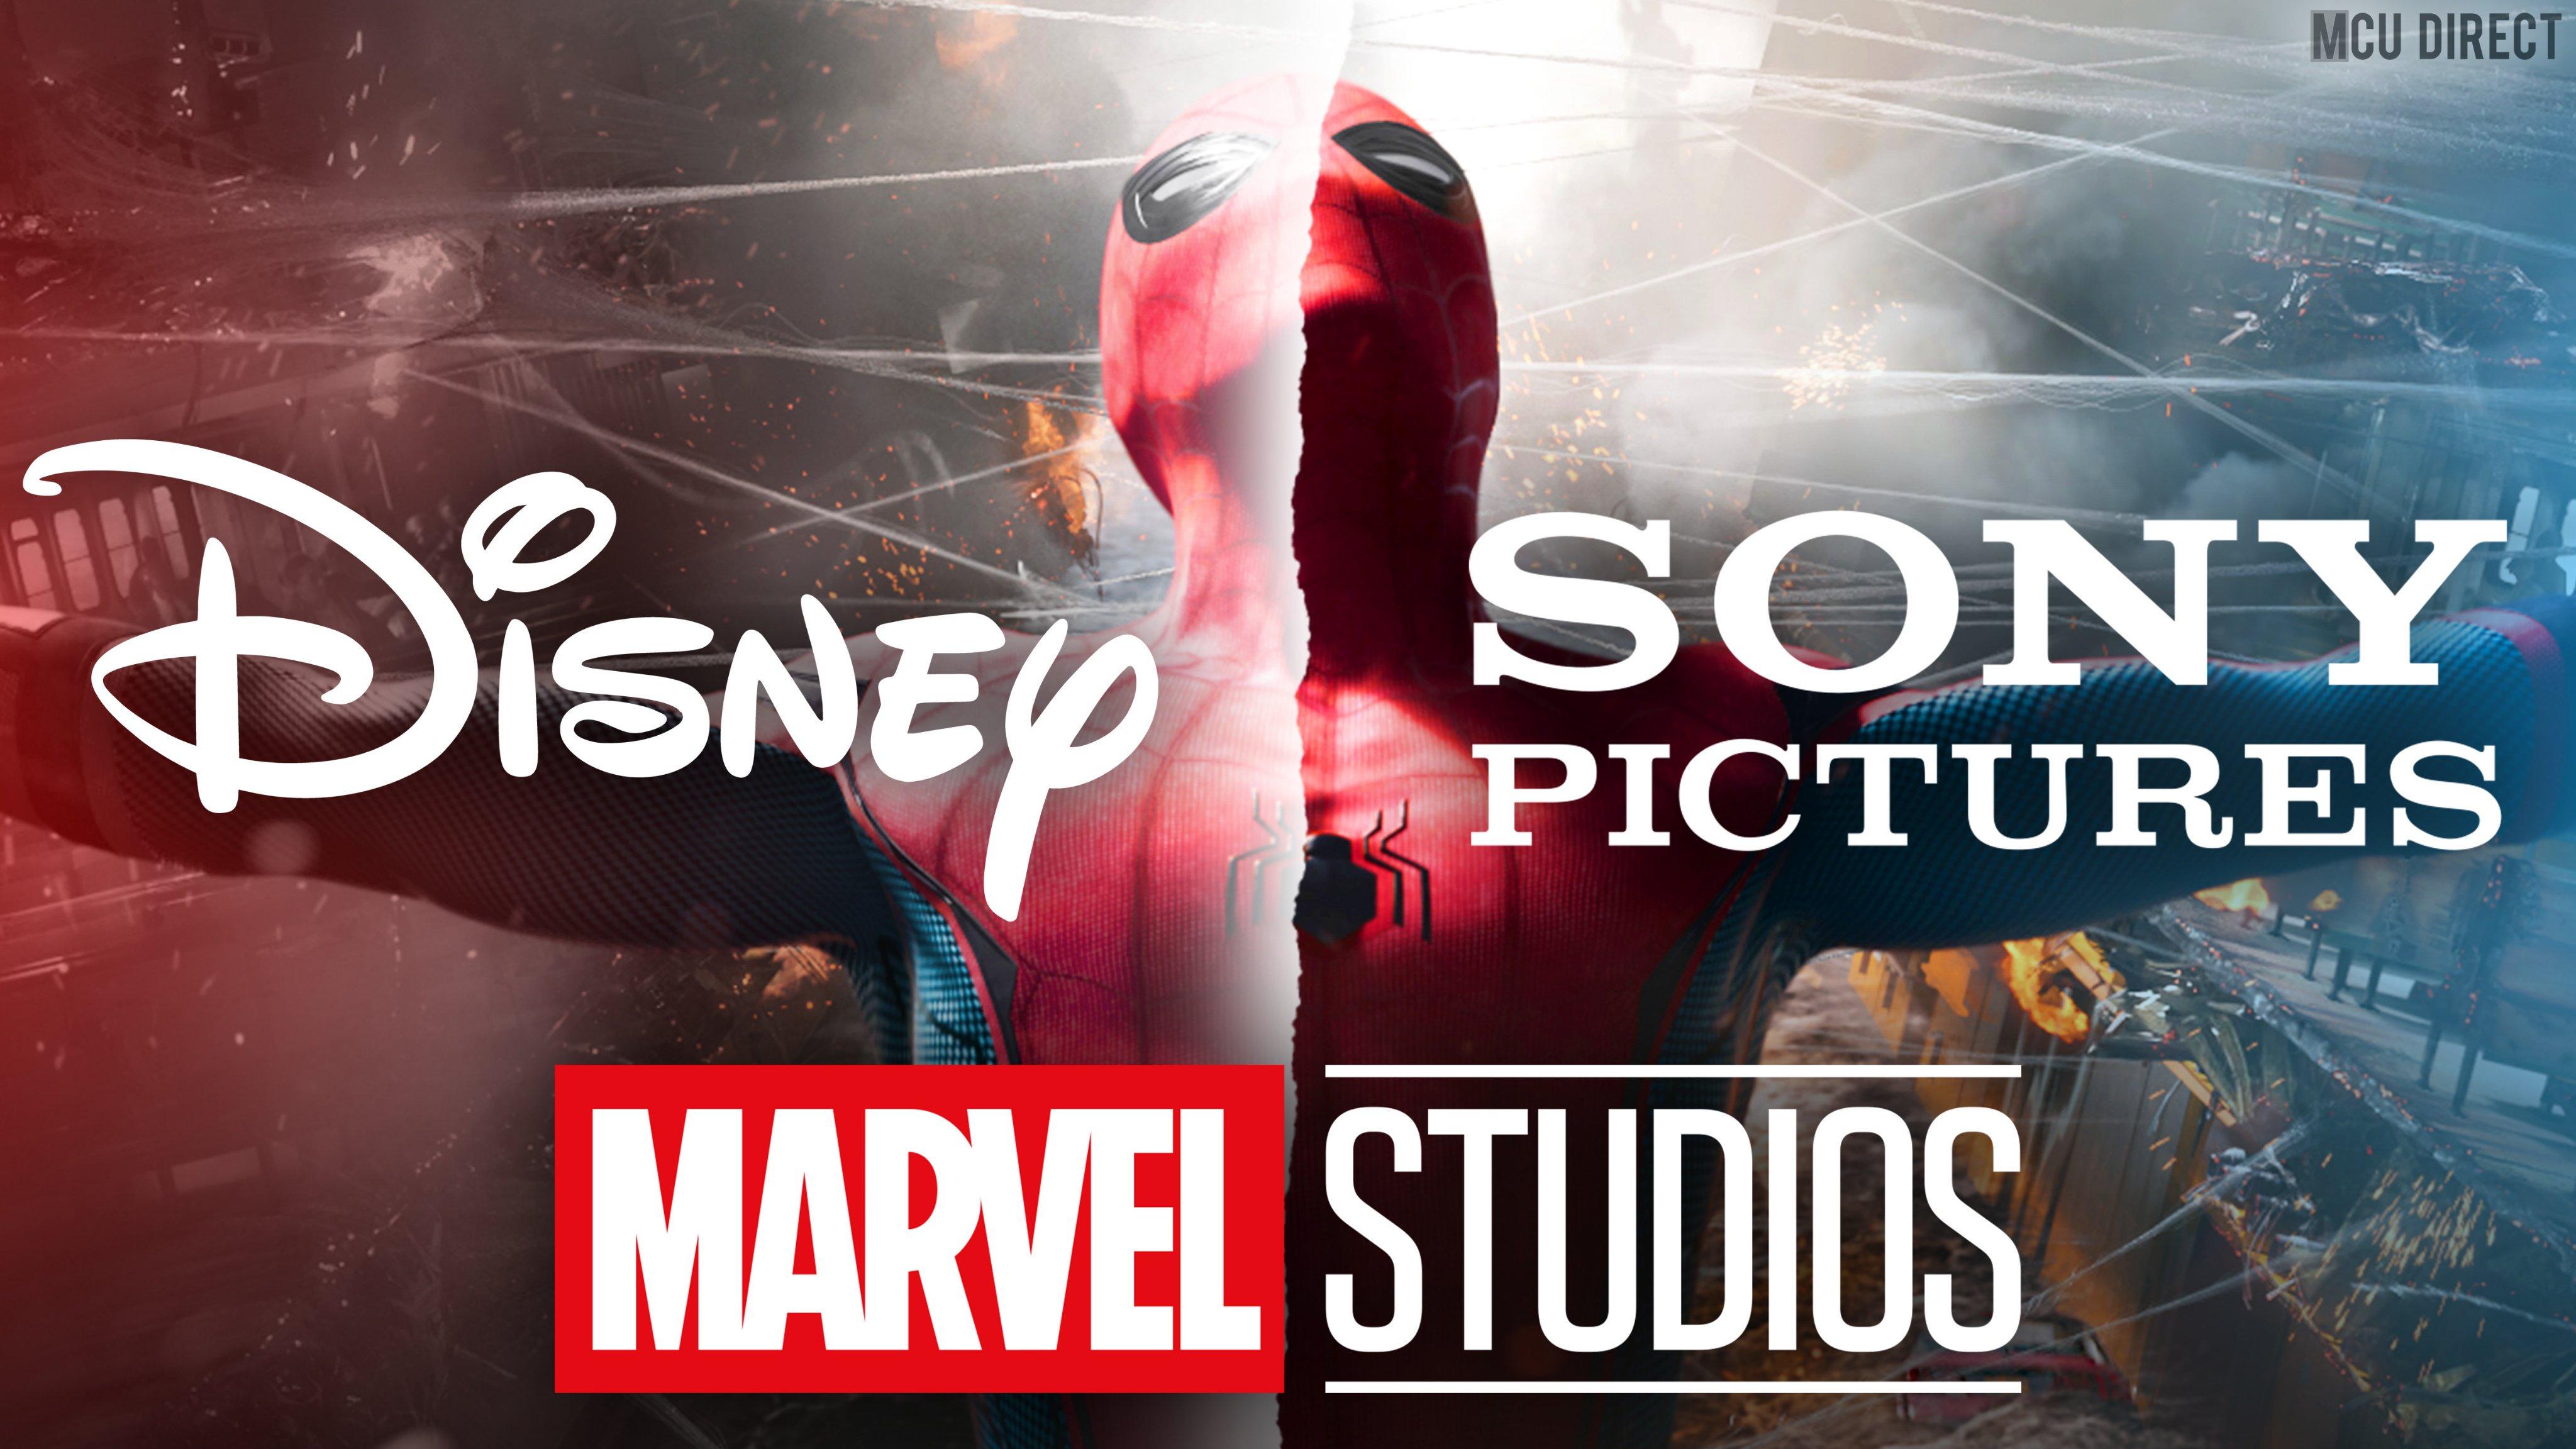 索尼官宣蜘蛛侠退出漫威,后复联时代超级英雄们何去何从?